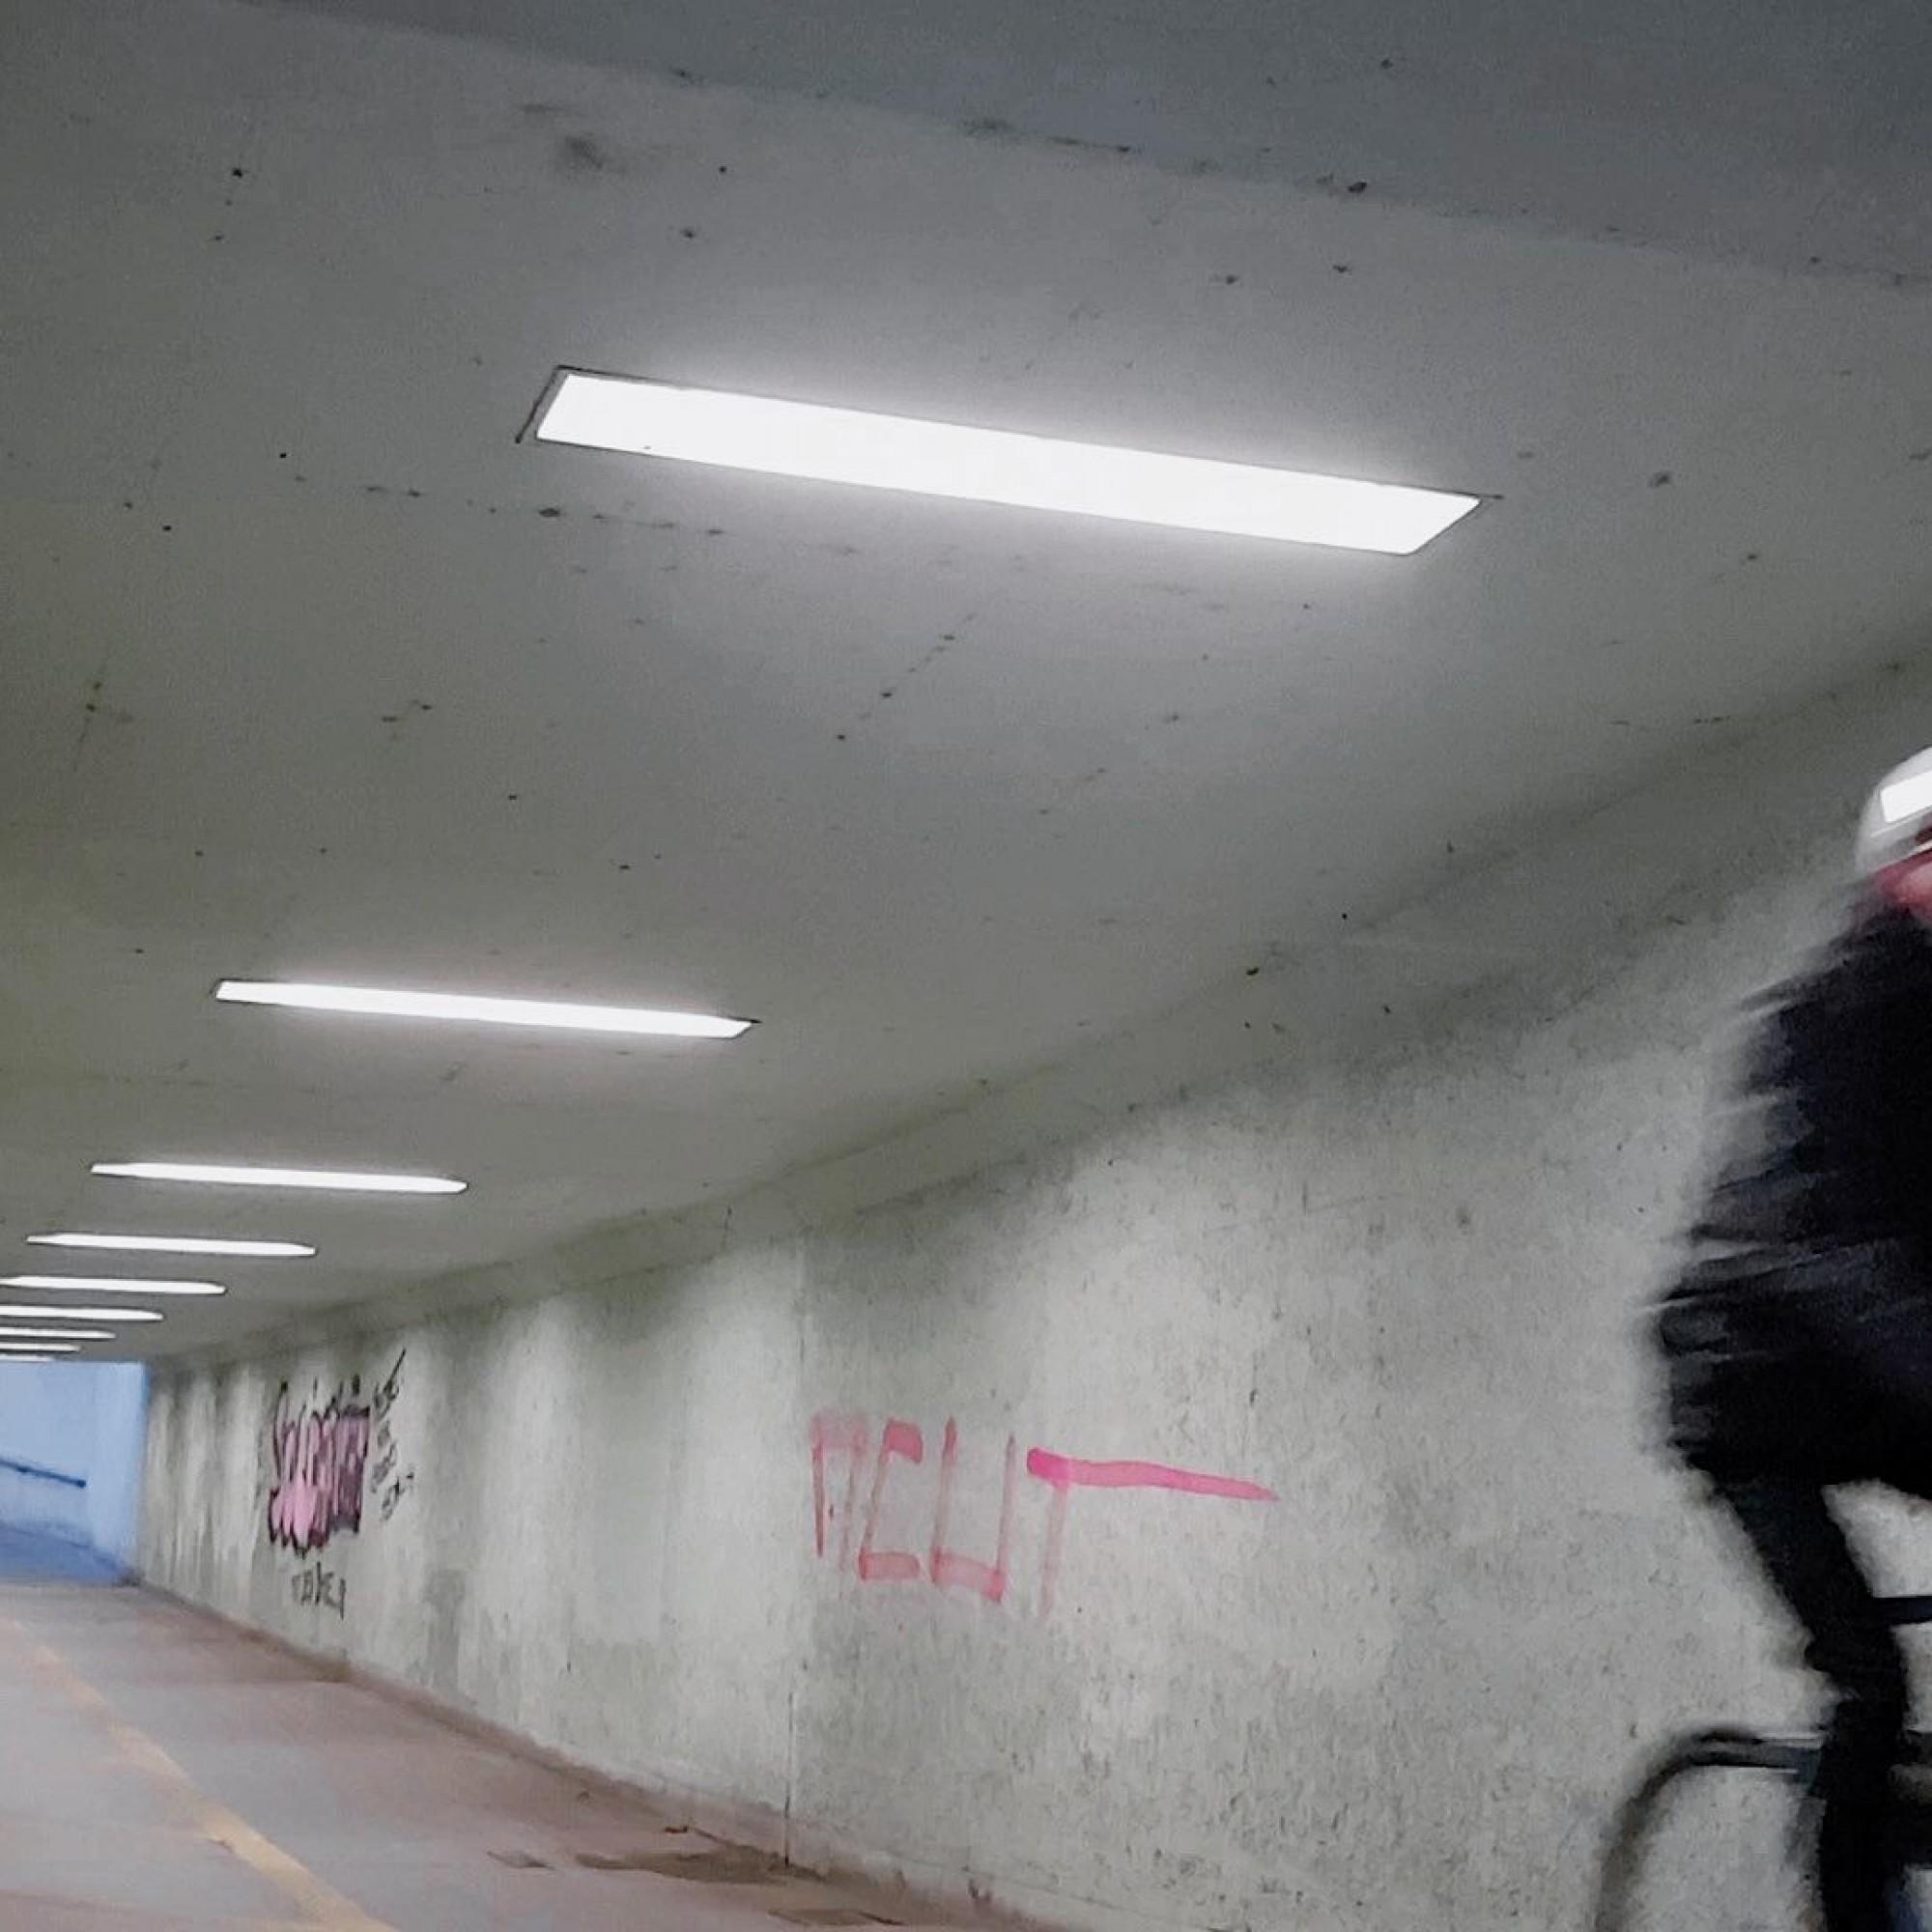 Hat der Velofahrer die Unterführung durchquert, senken die LED-Röhren ihre Leistung auf 20 Prozent.